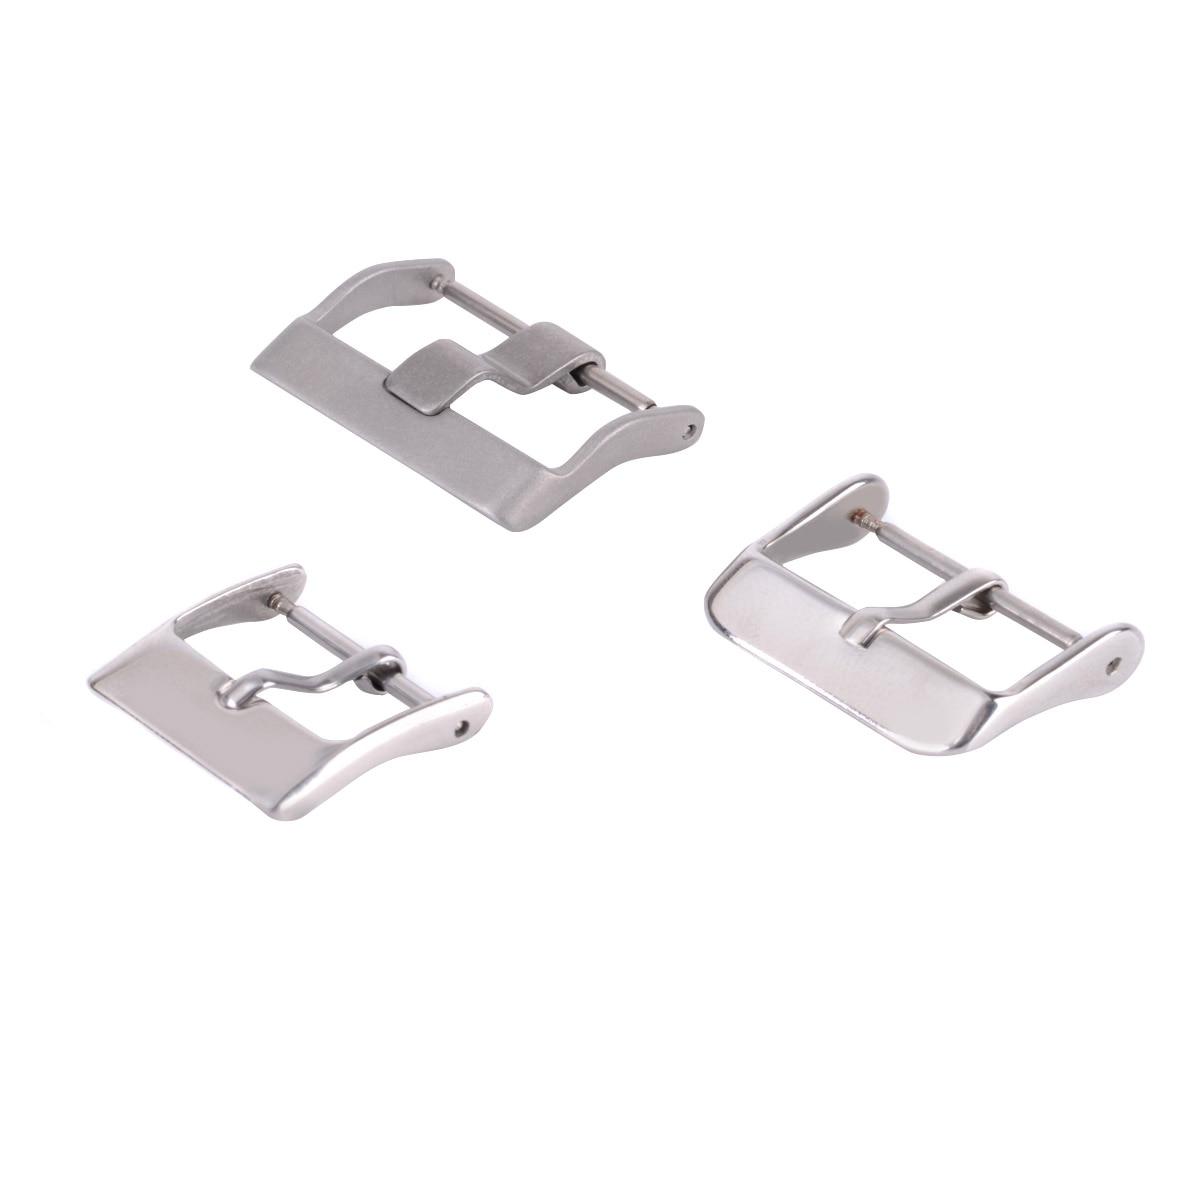 10pcs 18mm / 20mm / 22mm correa de cierre cuadrado de acero inoxidable para bandas de reloj hebillas decoración DIY accesorio correa de reloj broche